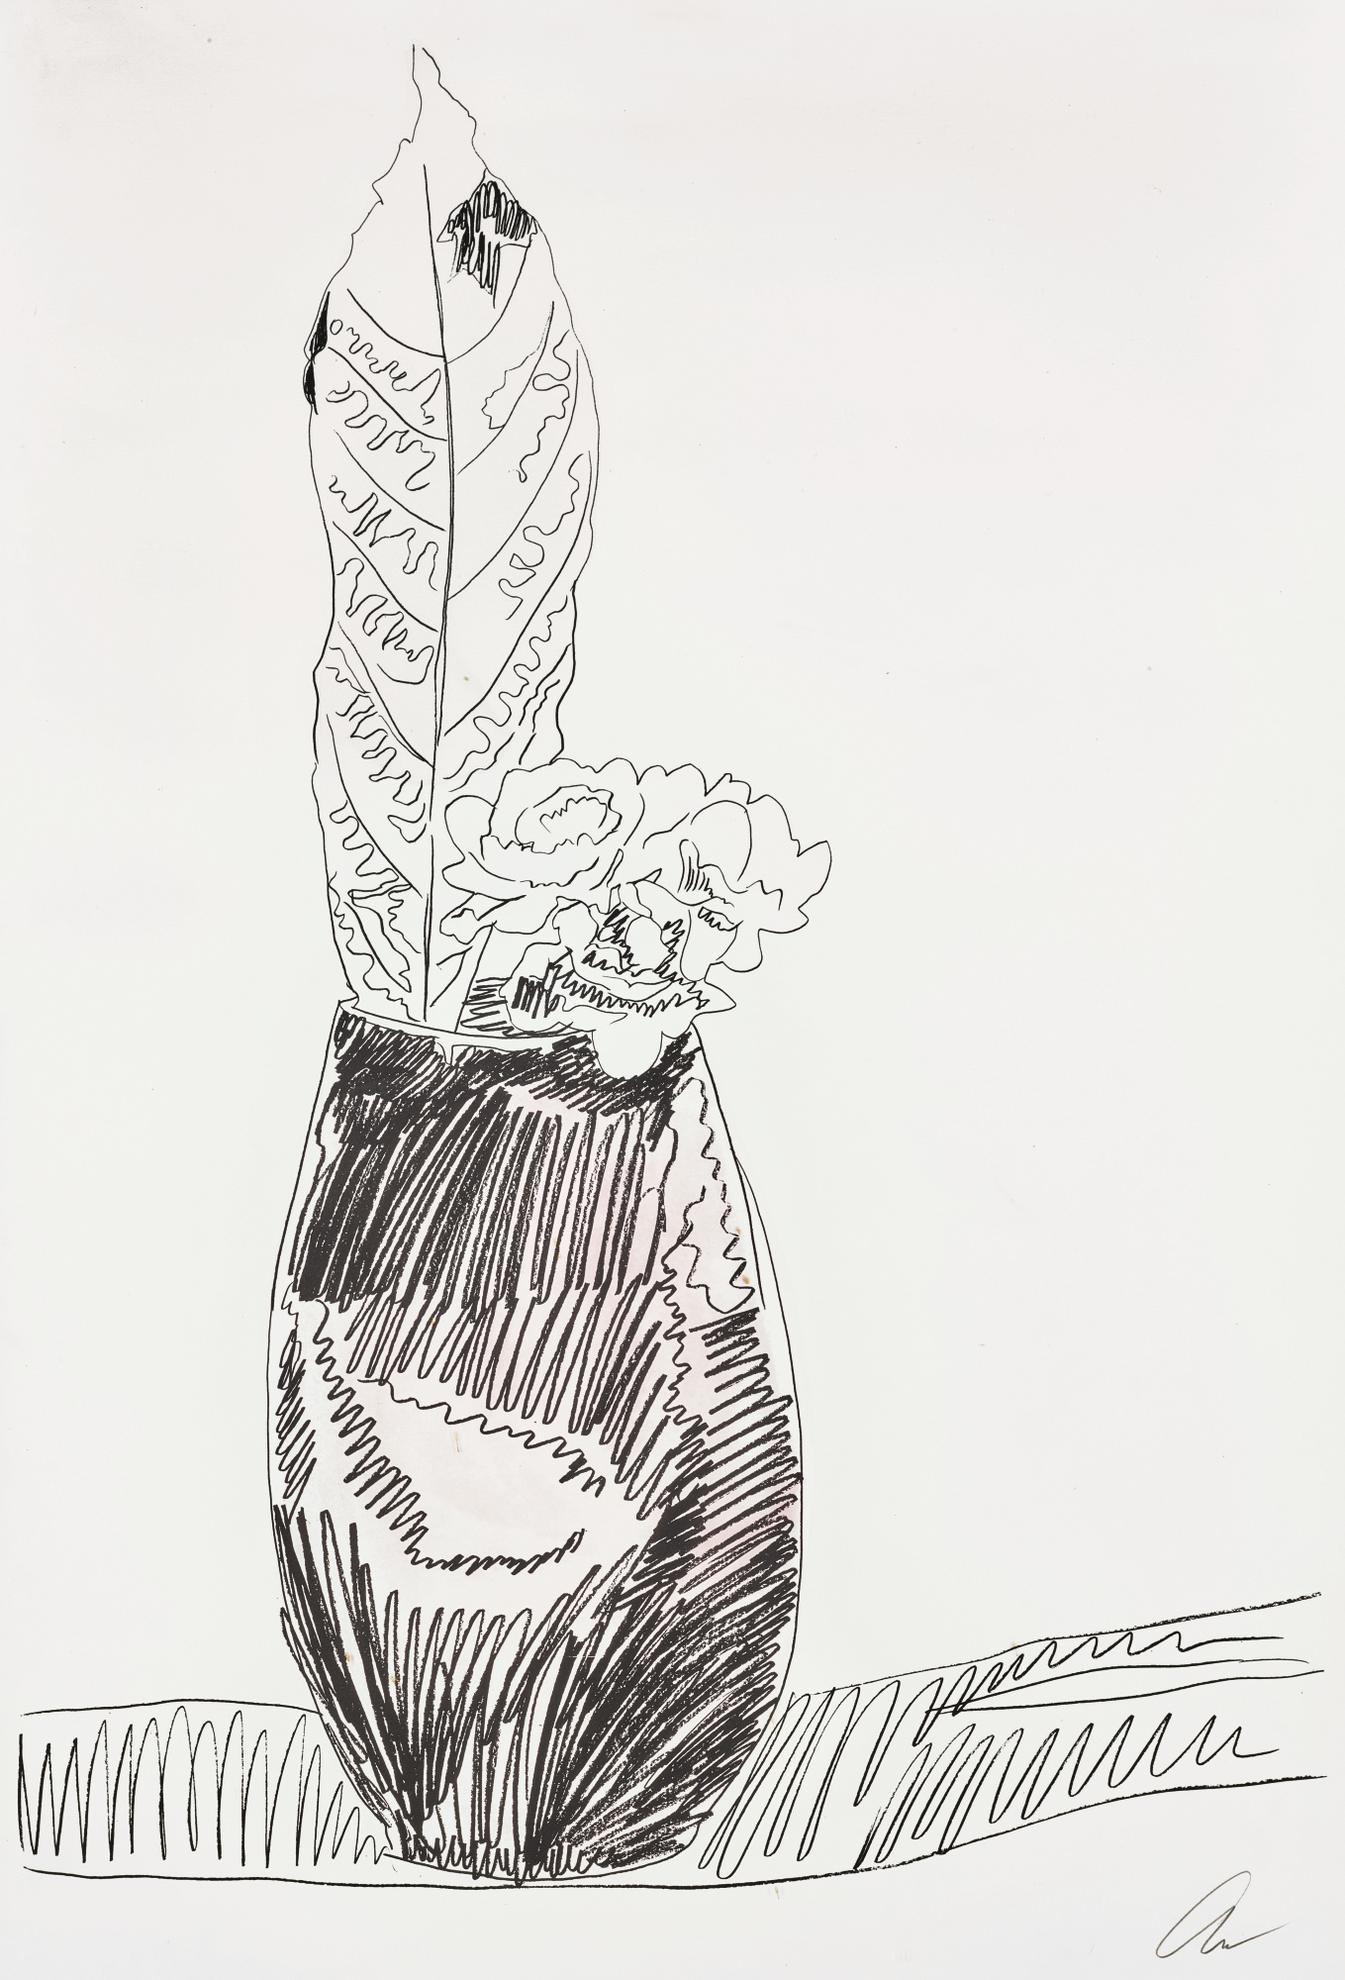 Andy Warhol-Flowers (F. & S. II.115)-1974